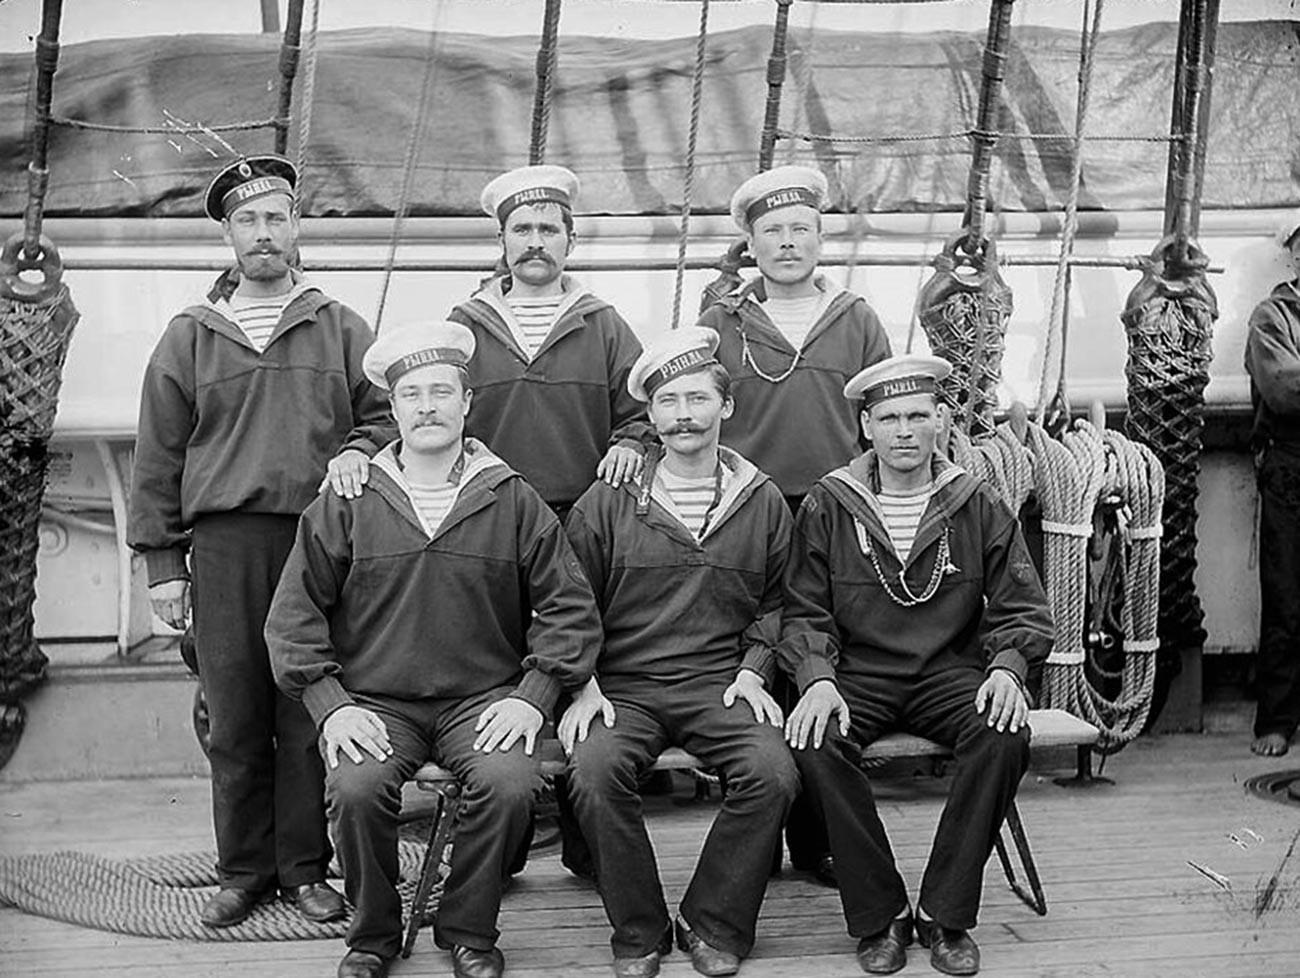 Marinheiros russos vestindo telniachkas antigas do século 19.